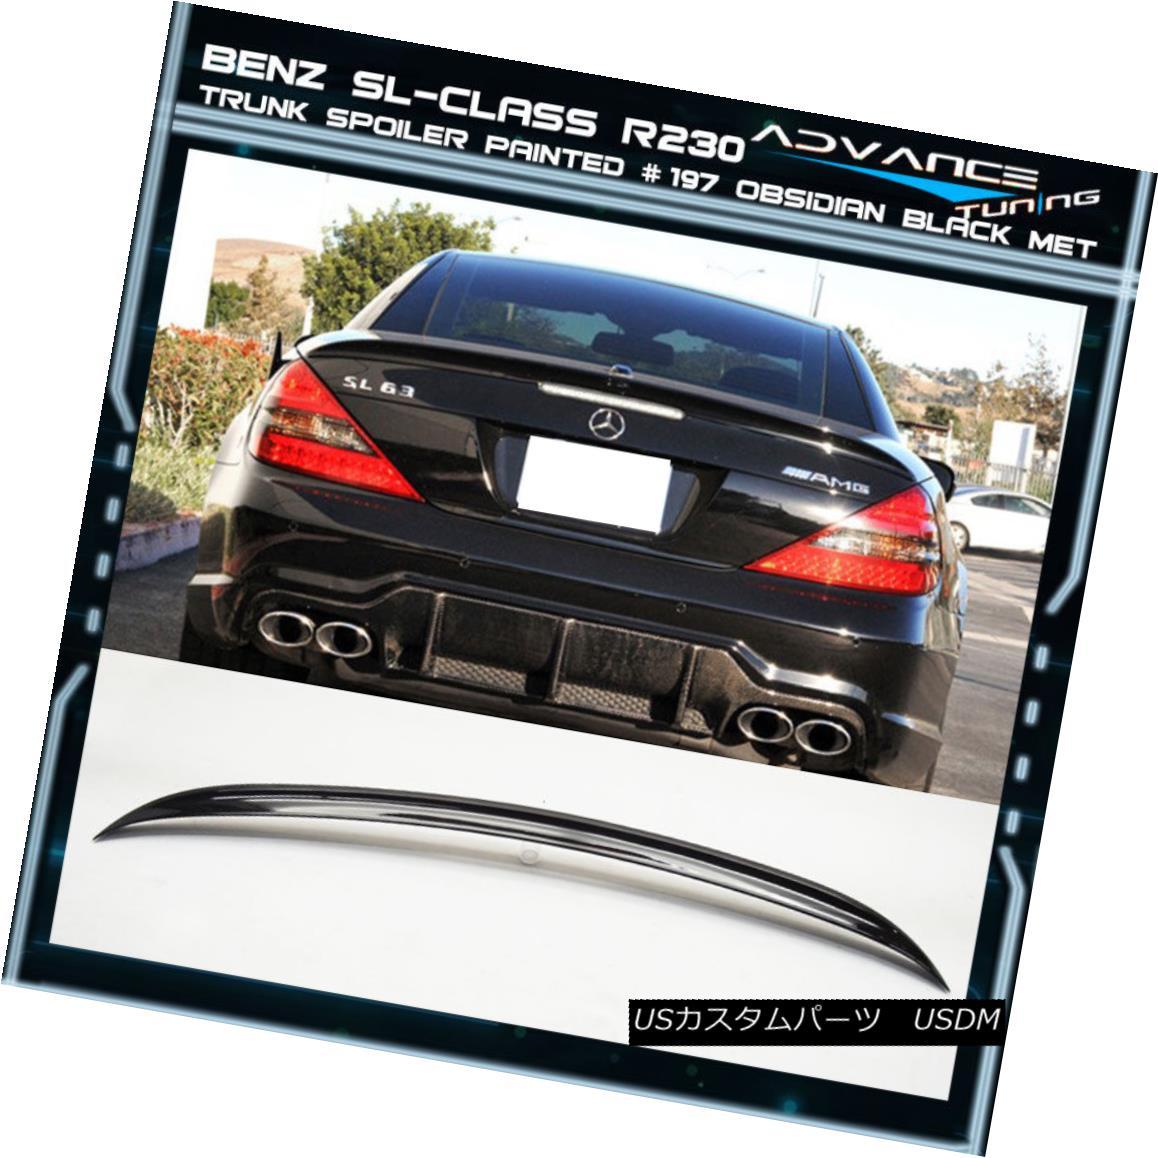 エアロパーツ 03-11 Benz SL R230 Trunk Spoiler OEM Painted Color # 197 Obsidian Black Met 03-11ベンツSL R230トランク・スポイラーOEM塗装カラー#197 Obsidian Black Met